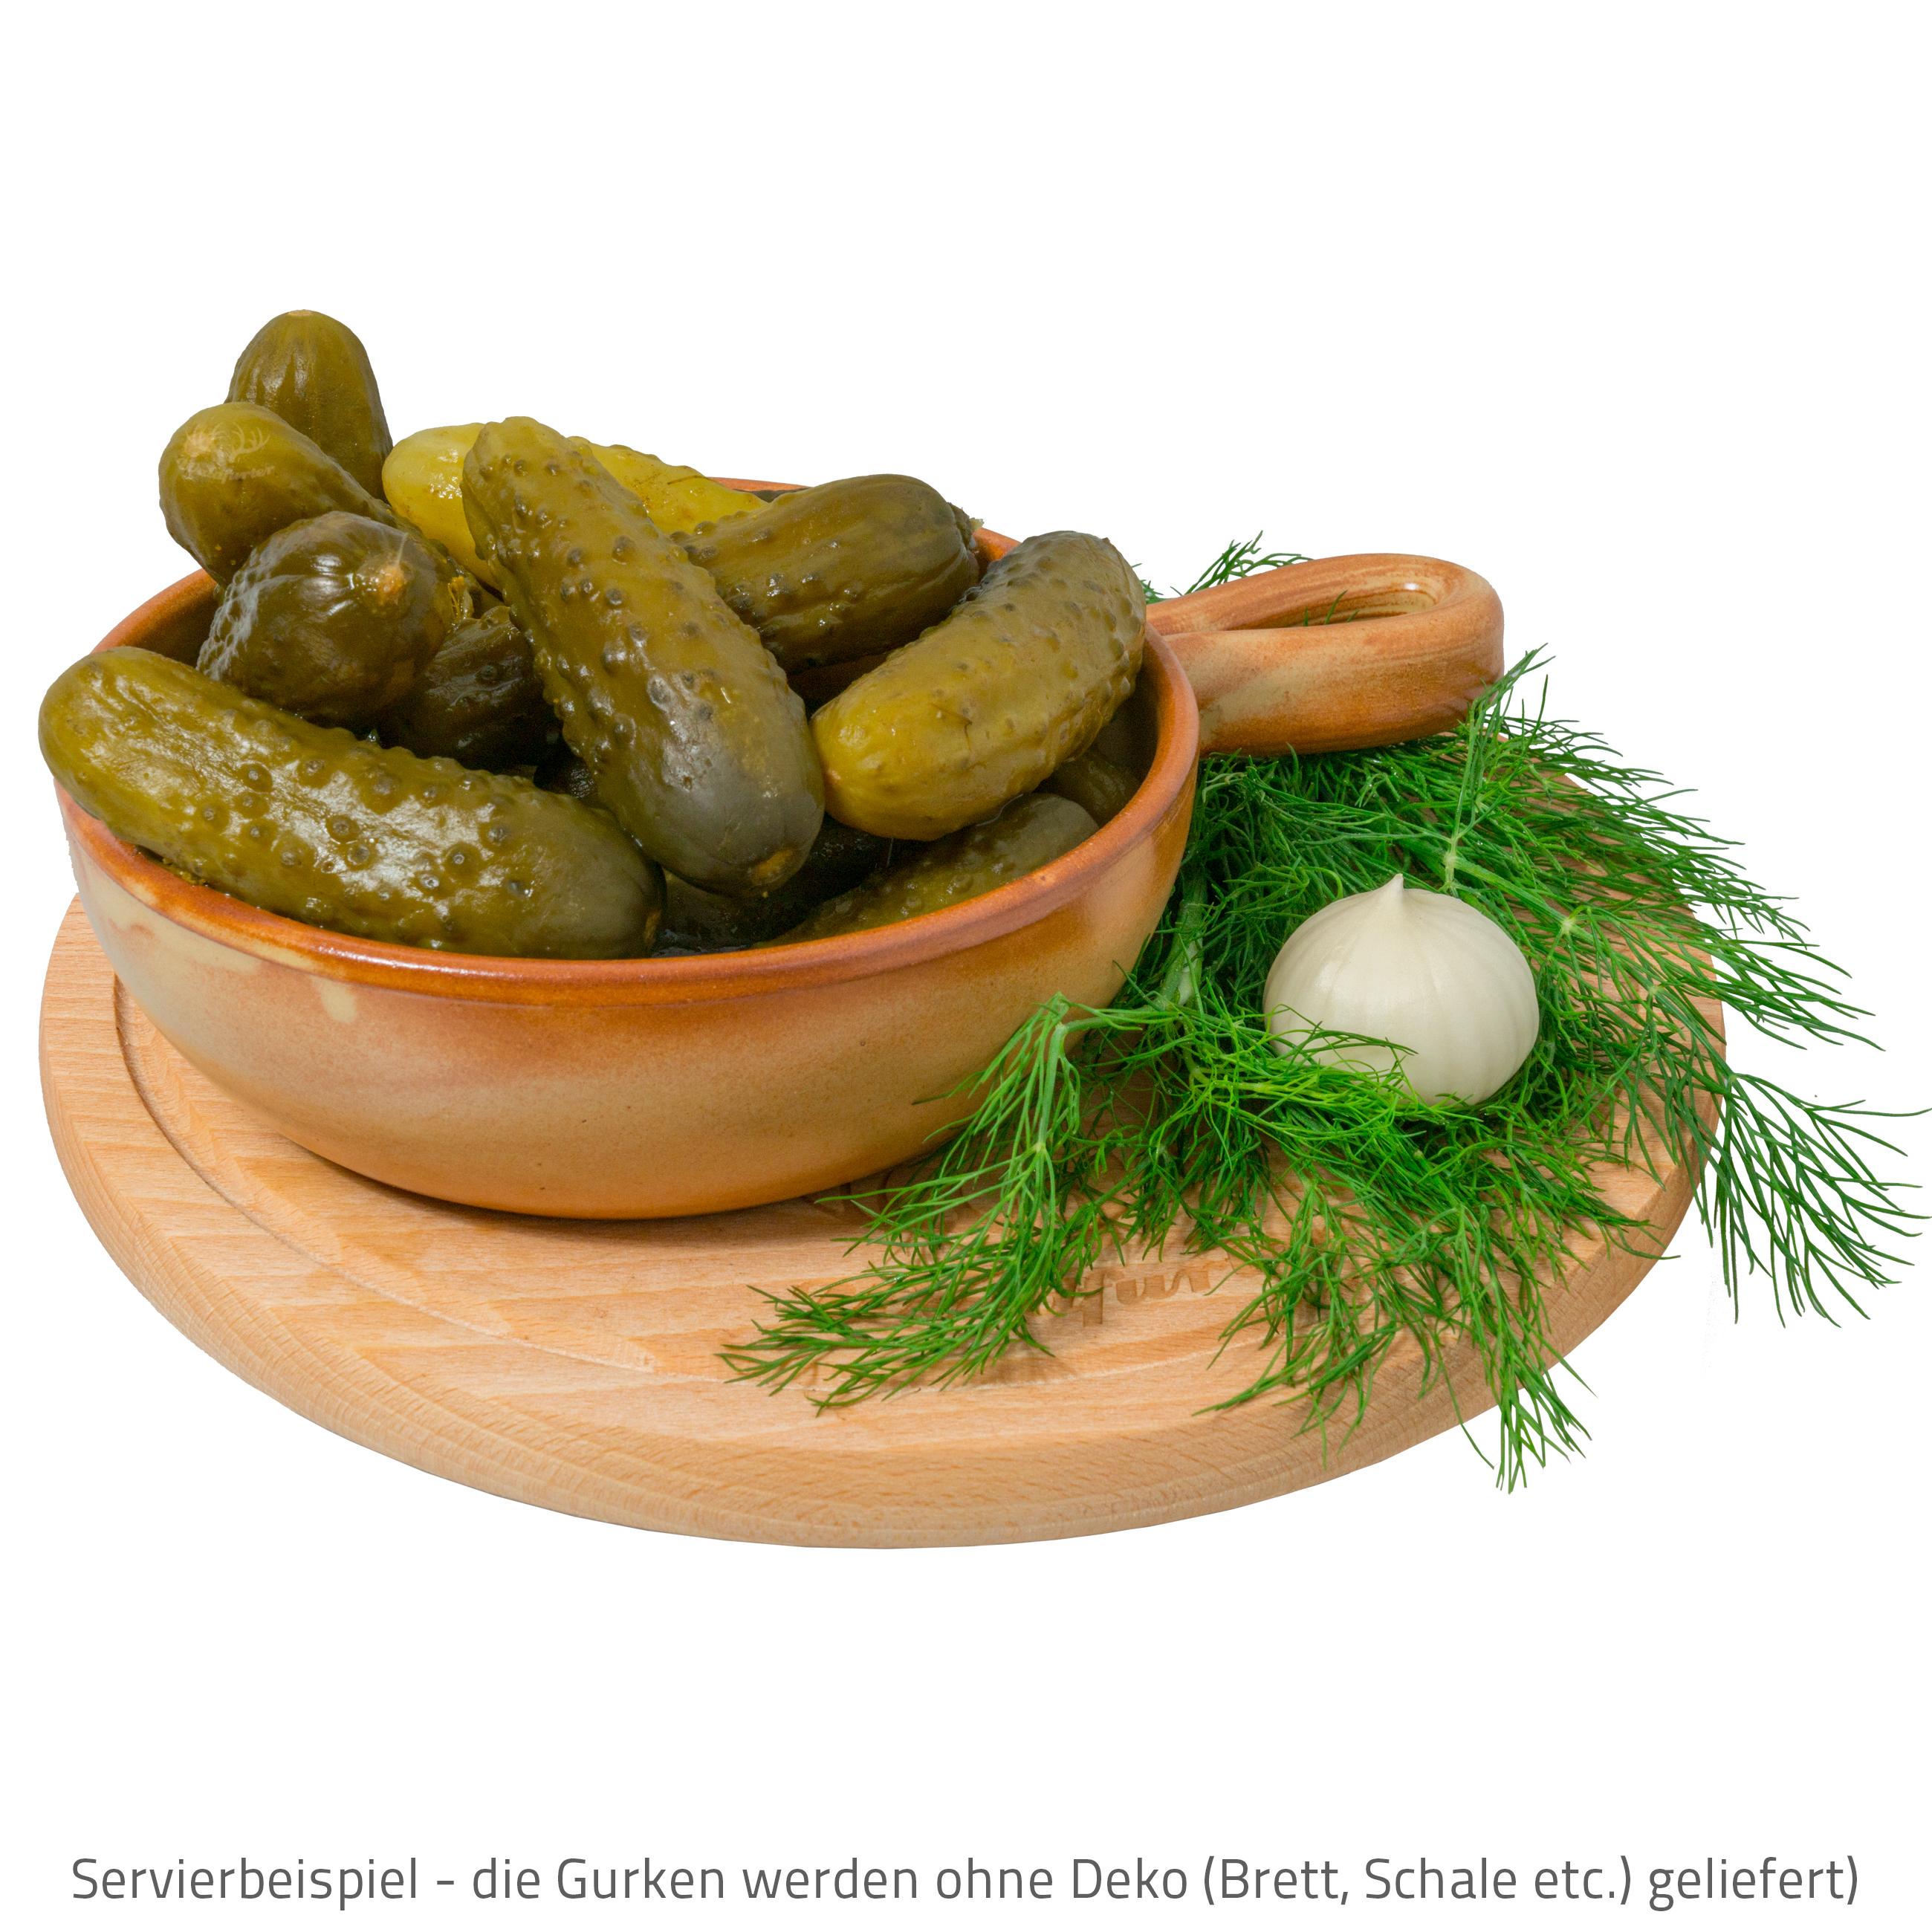 Polnische Salzgurken vom Fass (Auch als Sauergurken bekannt) mit Knoblauch und Dill fein zubereitet.